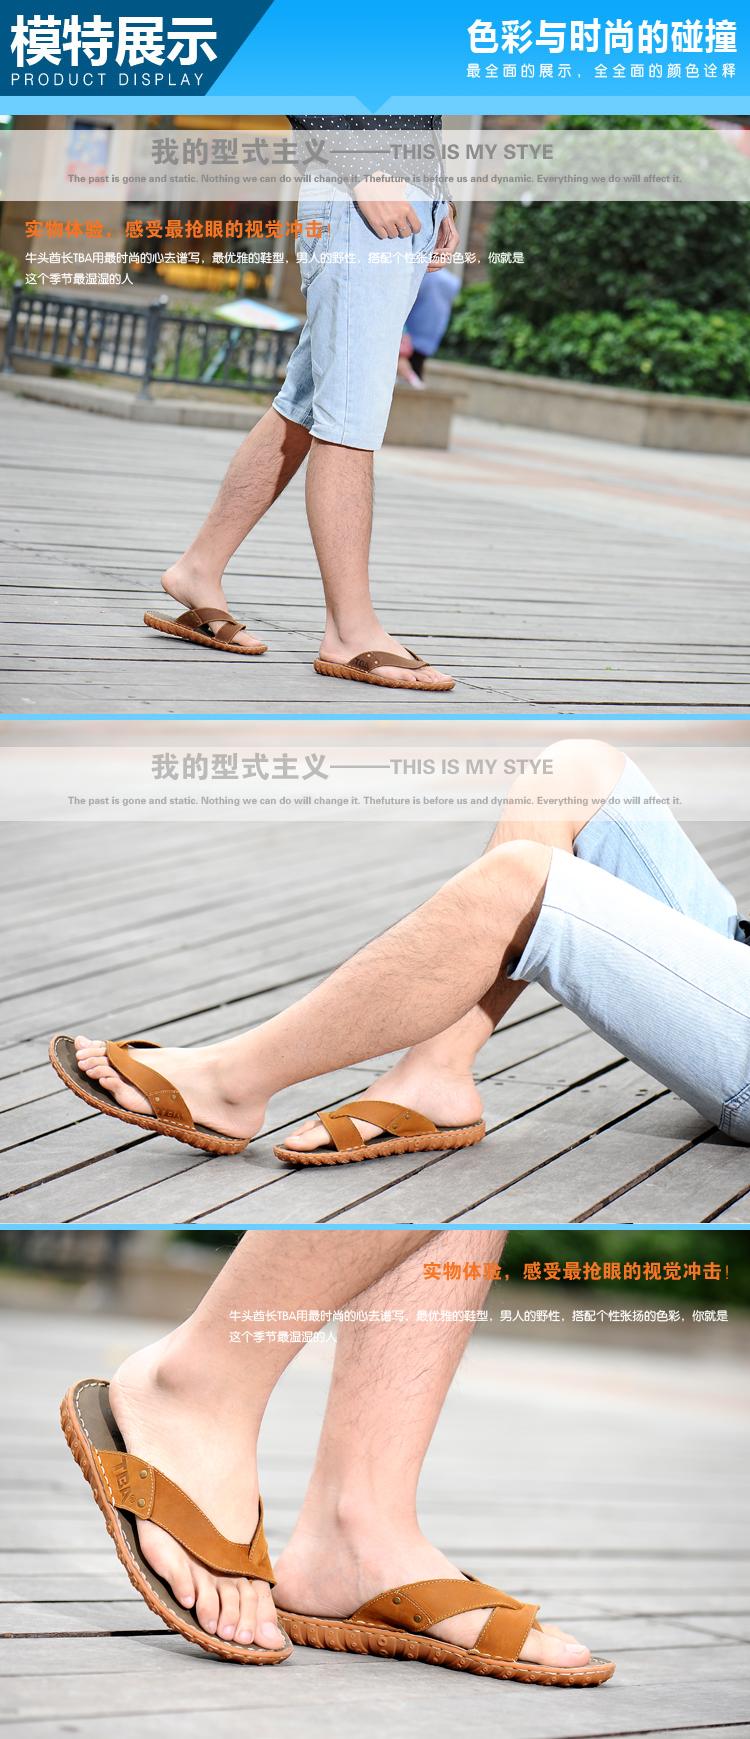 夏季新款休闲防滑人字拖鞋